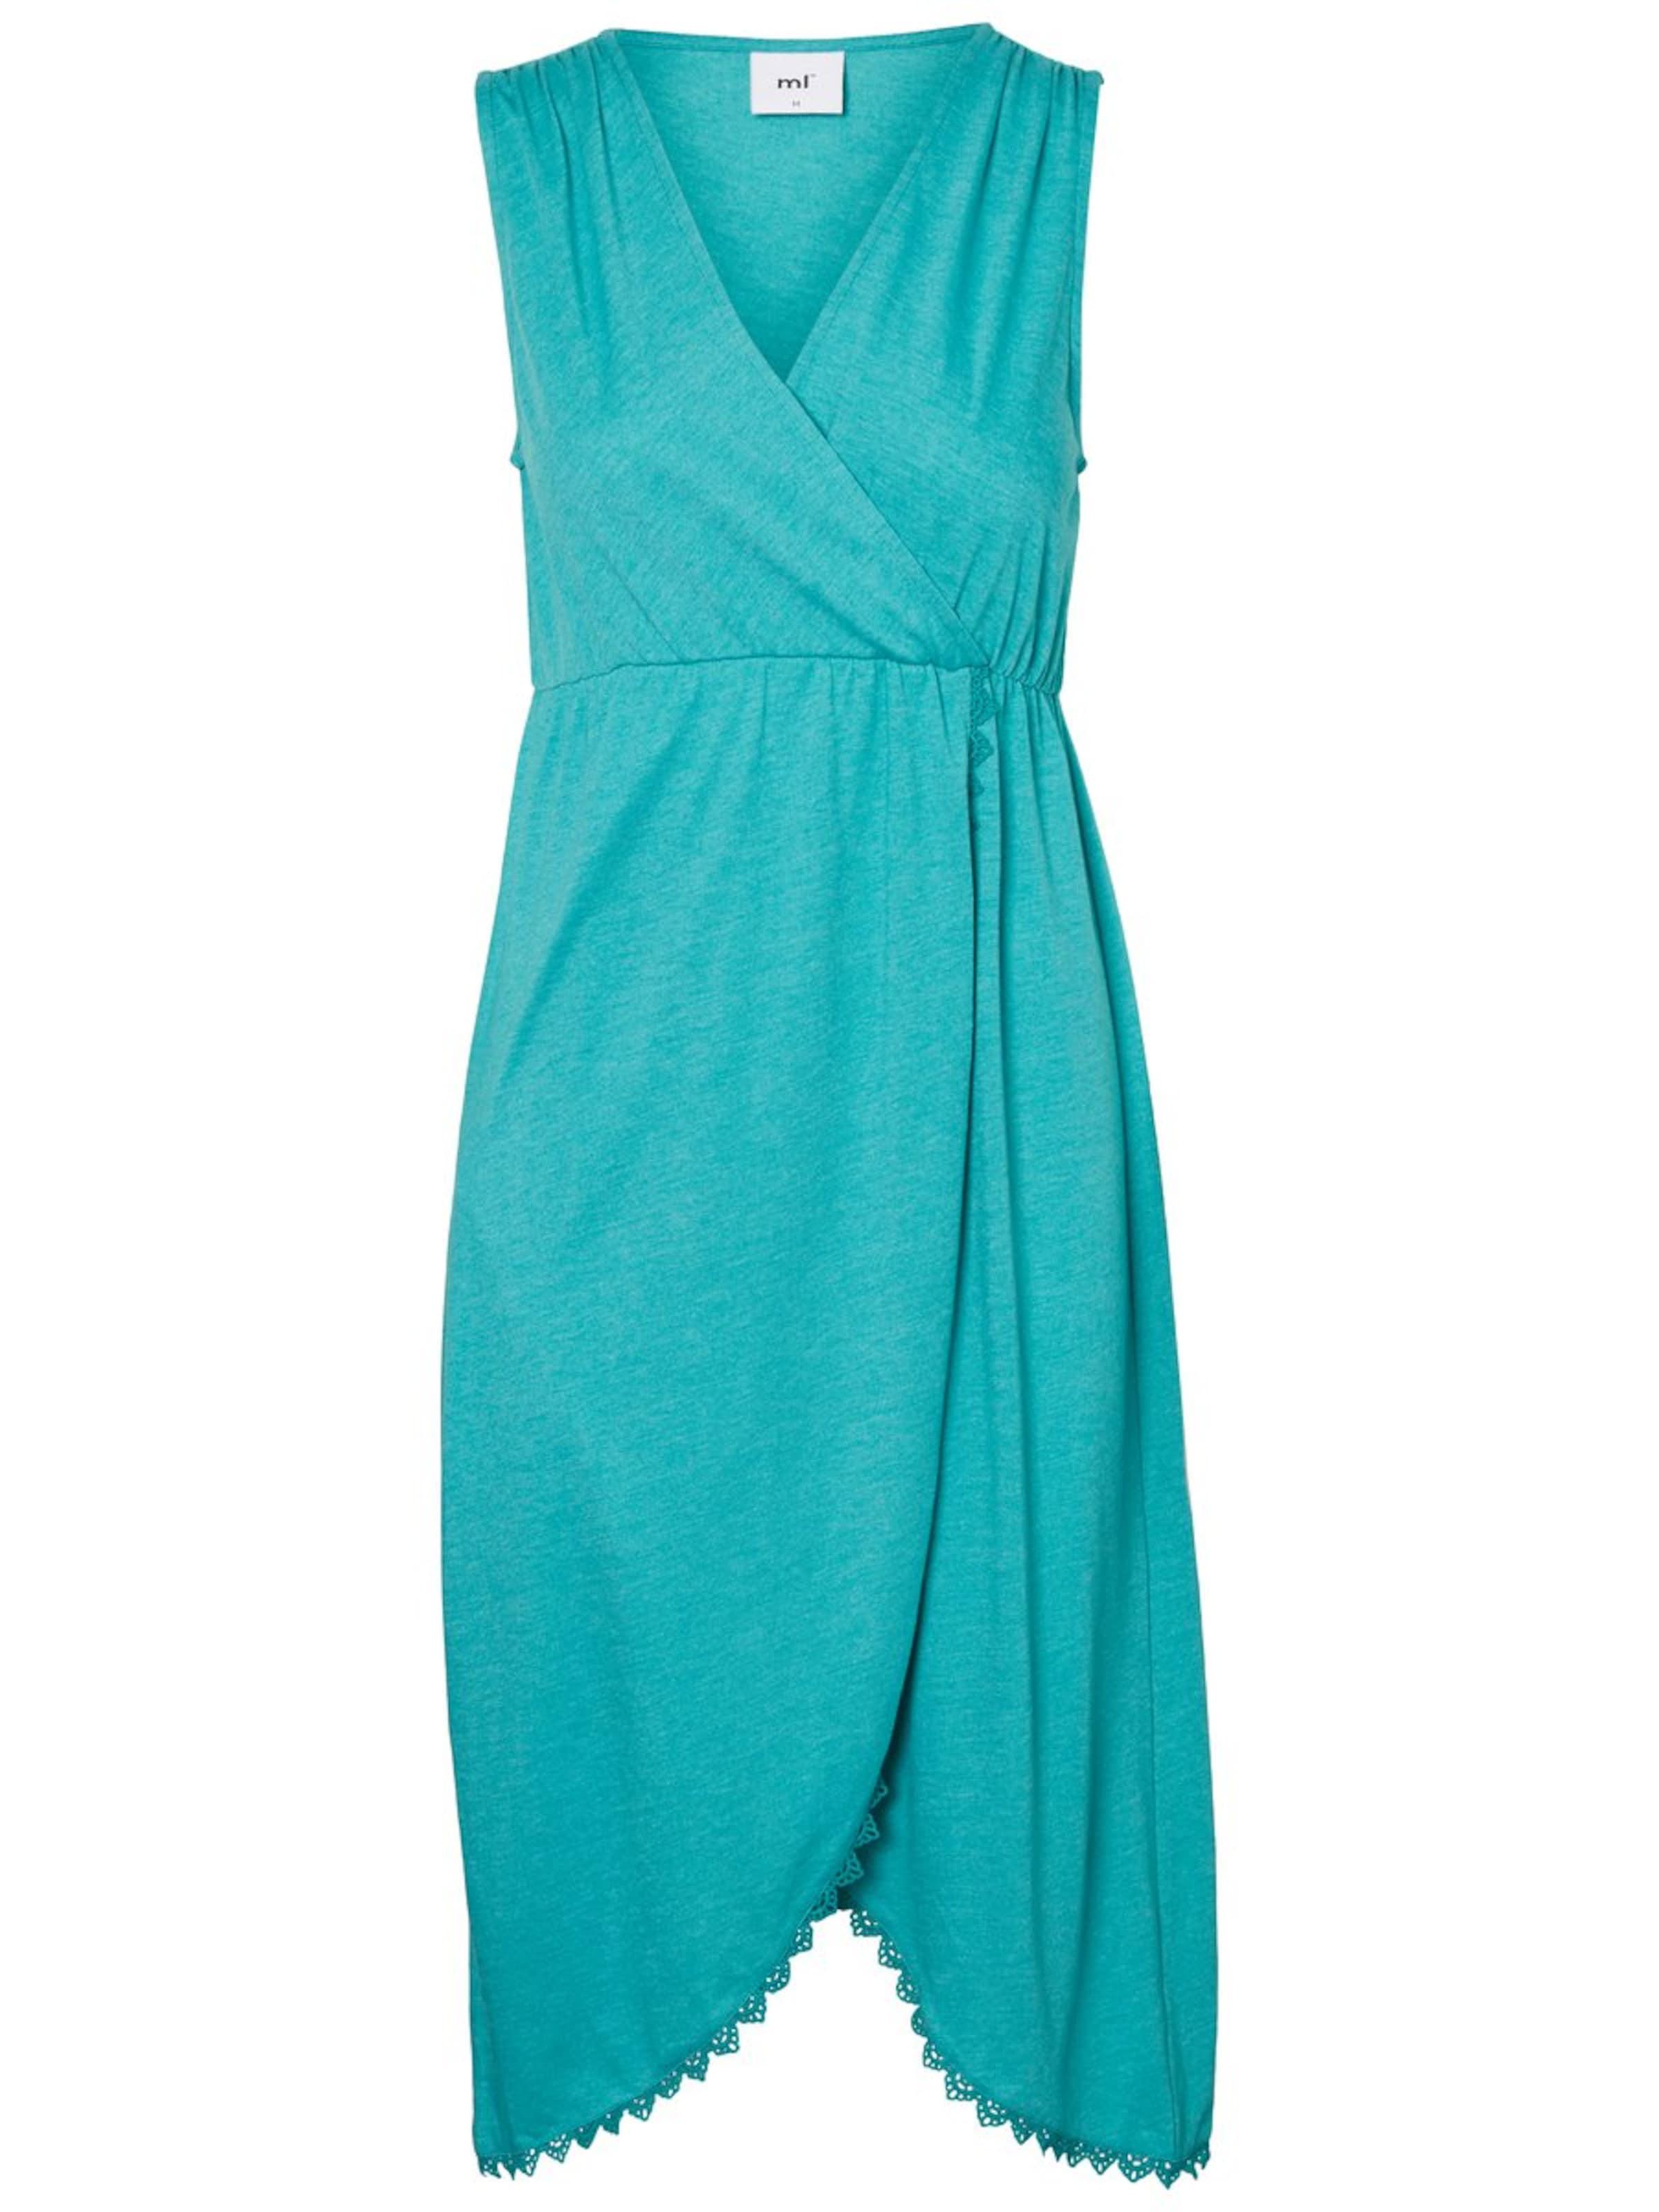 Kleid Kleid Mamalicious Jade Mamalicious In Kleid Jade In In Mamalicious Jade yb6vYf7g